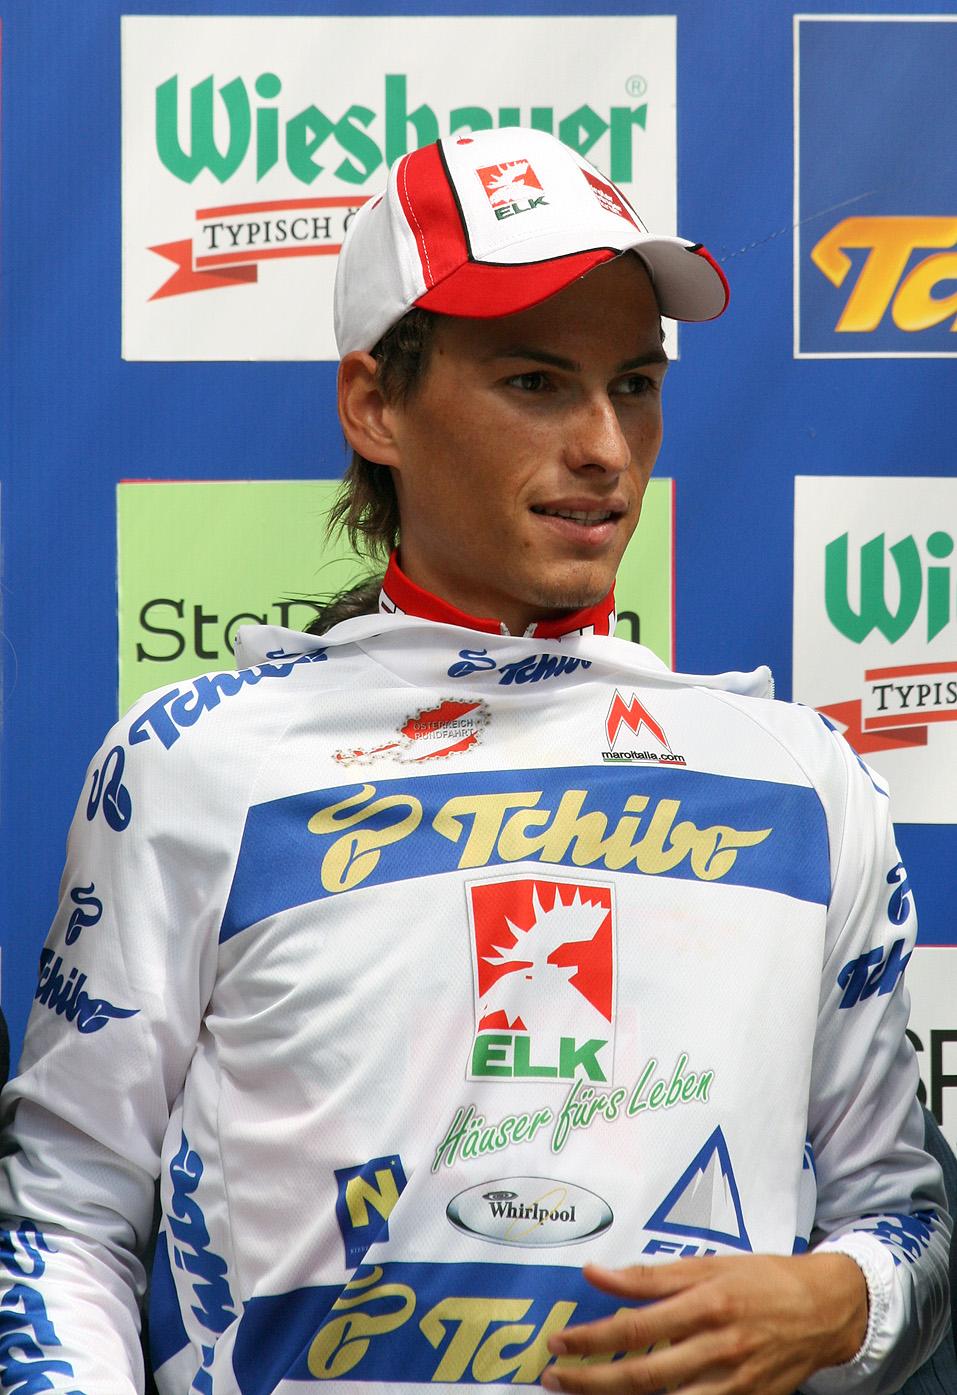 Stefan Denifl